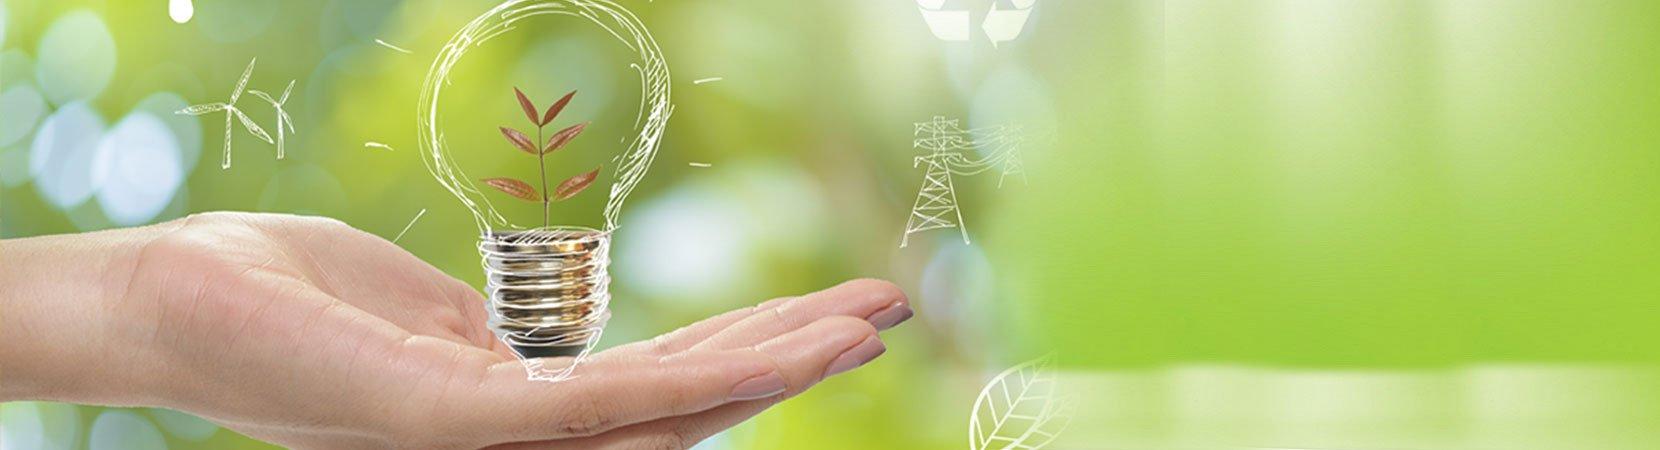 Co to jest audyt energetyczny w budynku?